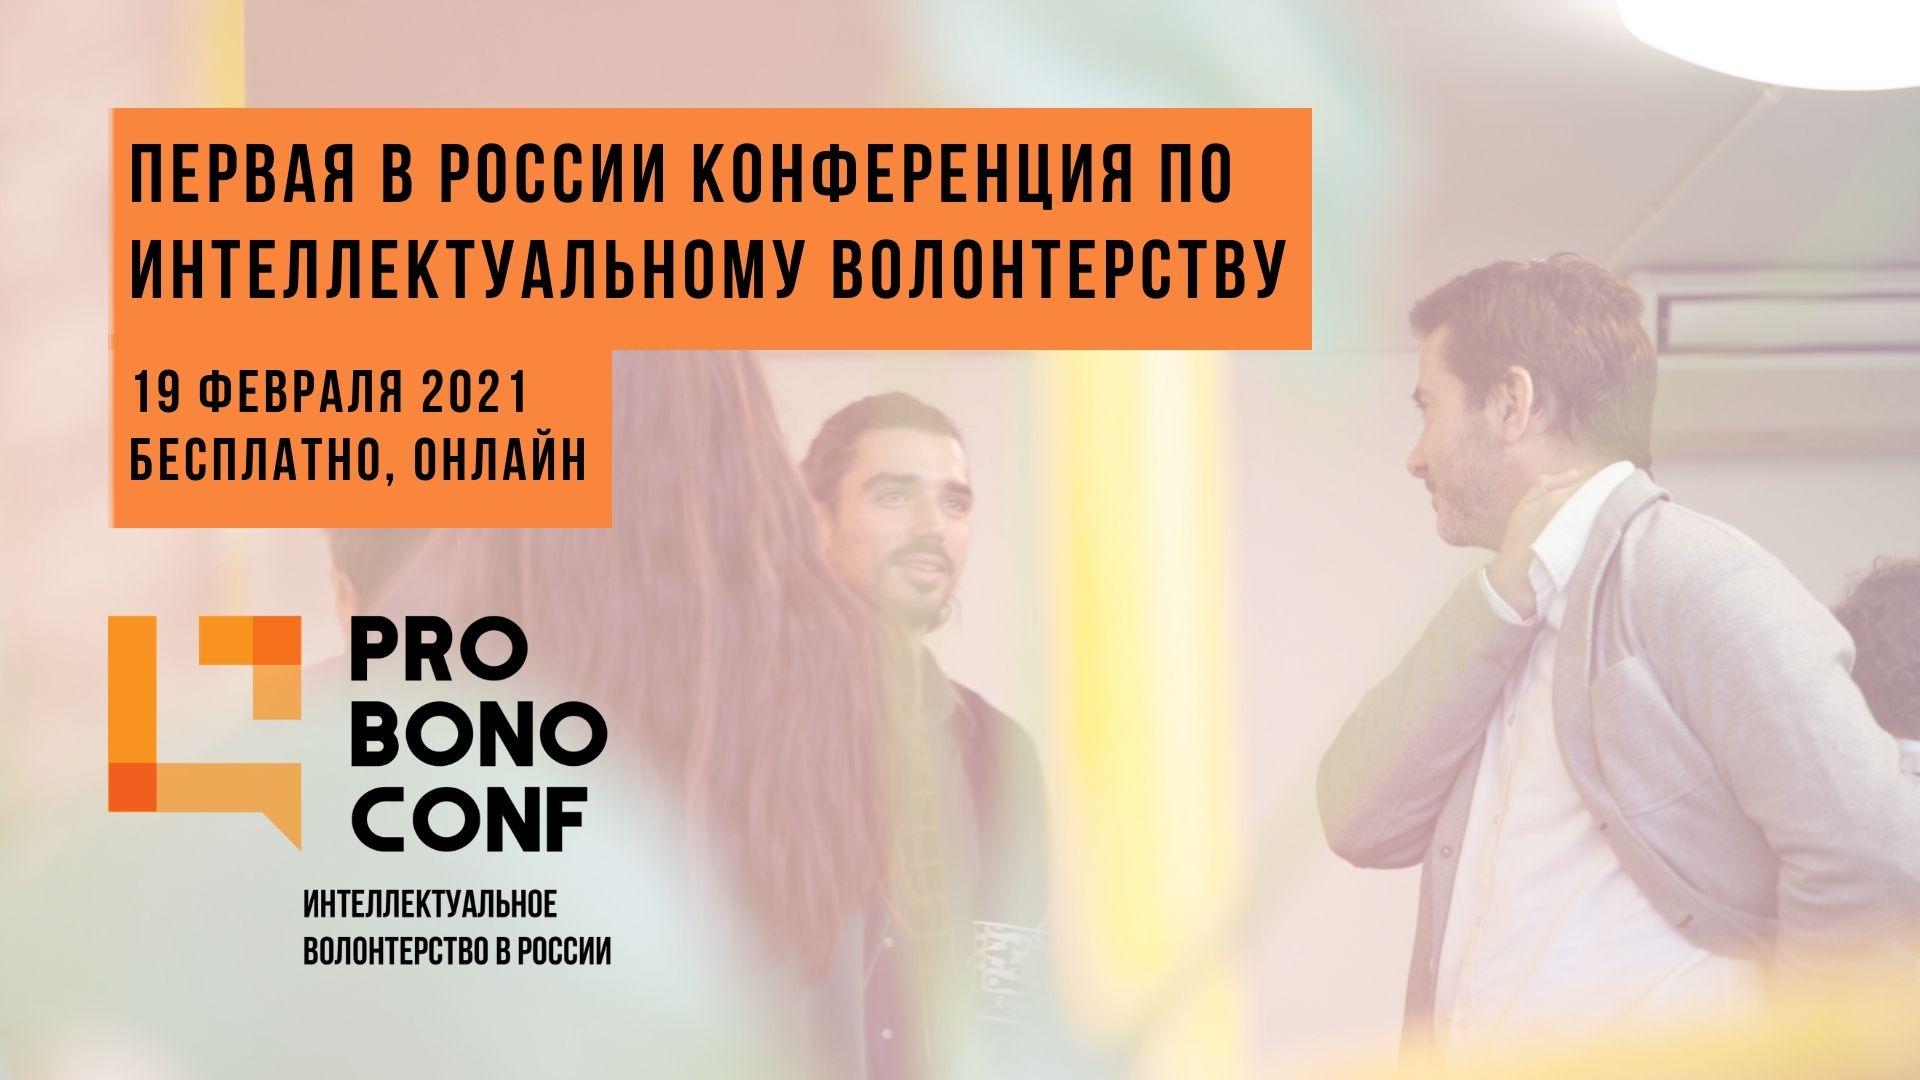 конференции по интеллектуальному волонтерству PRO BONO CONF